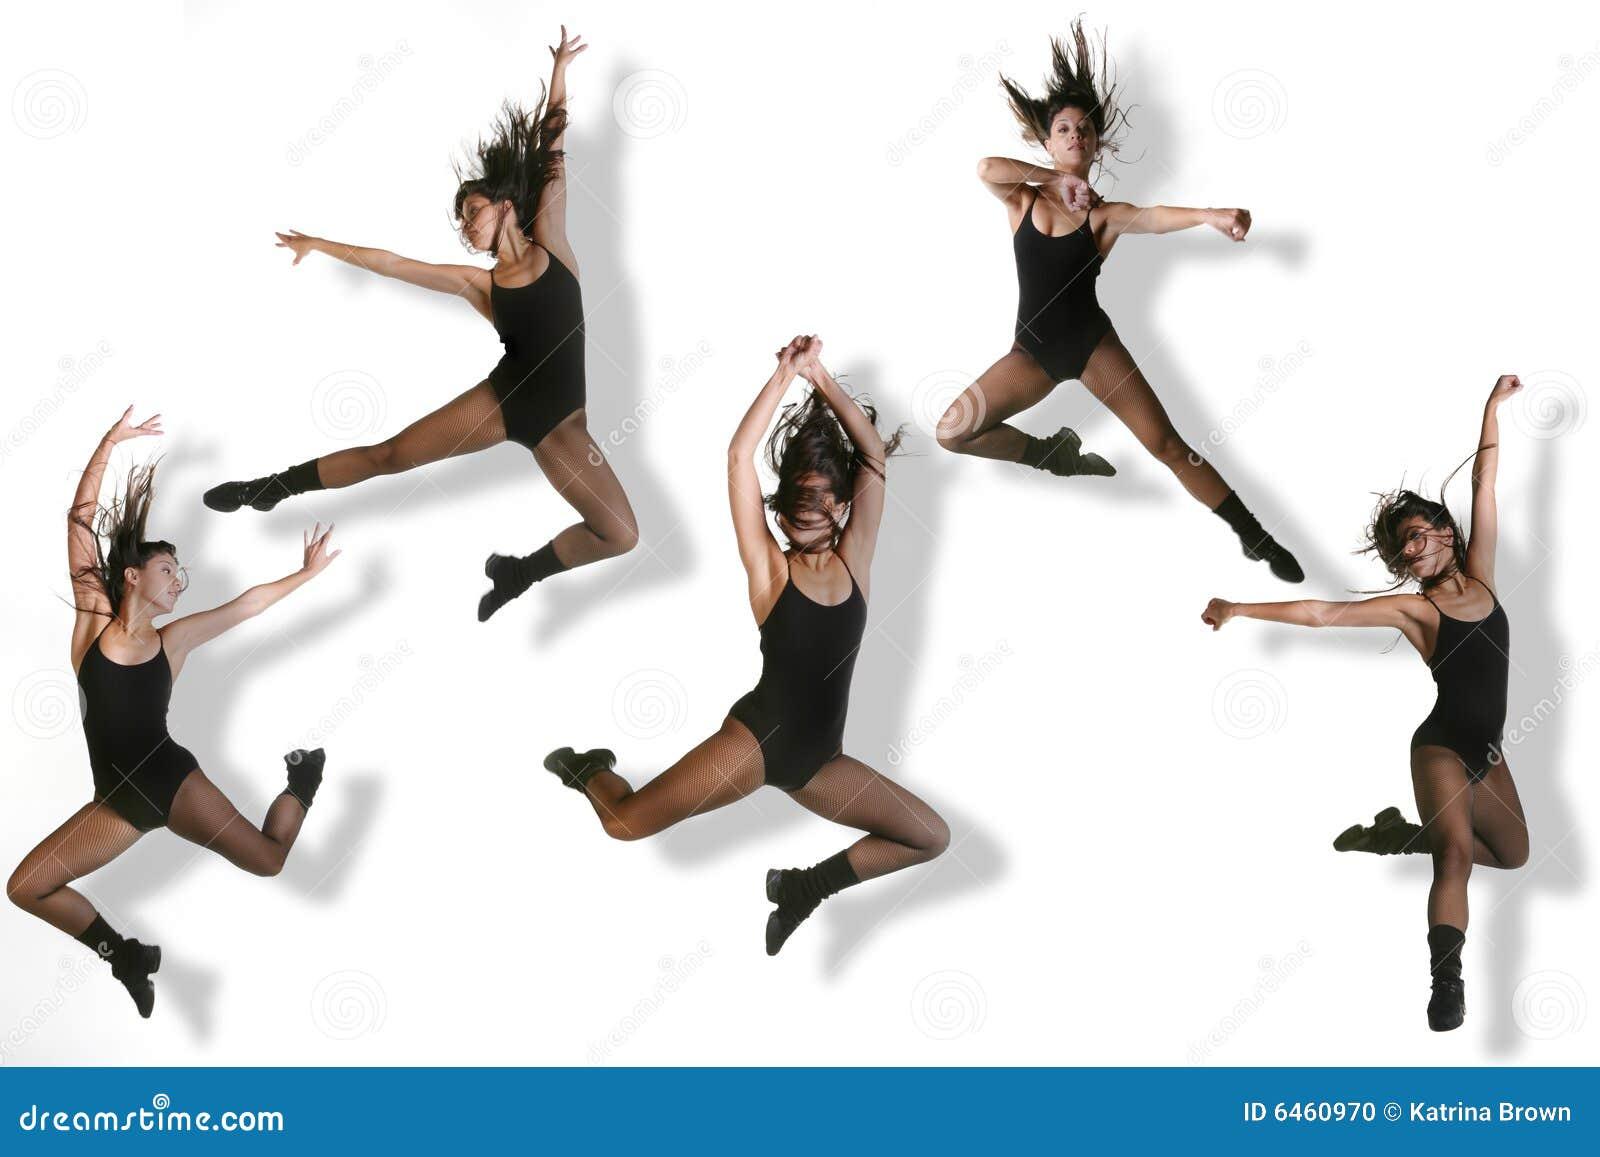 Imagens múltiplas de um dançarino moderno